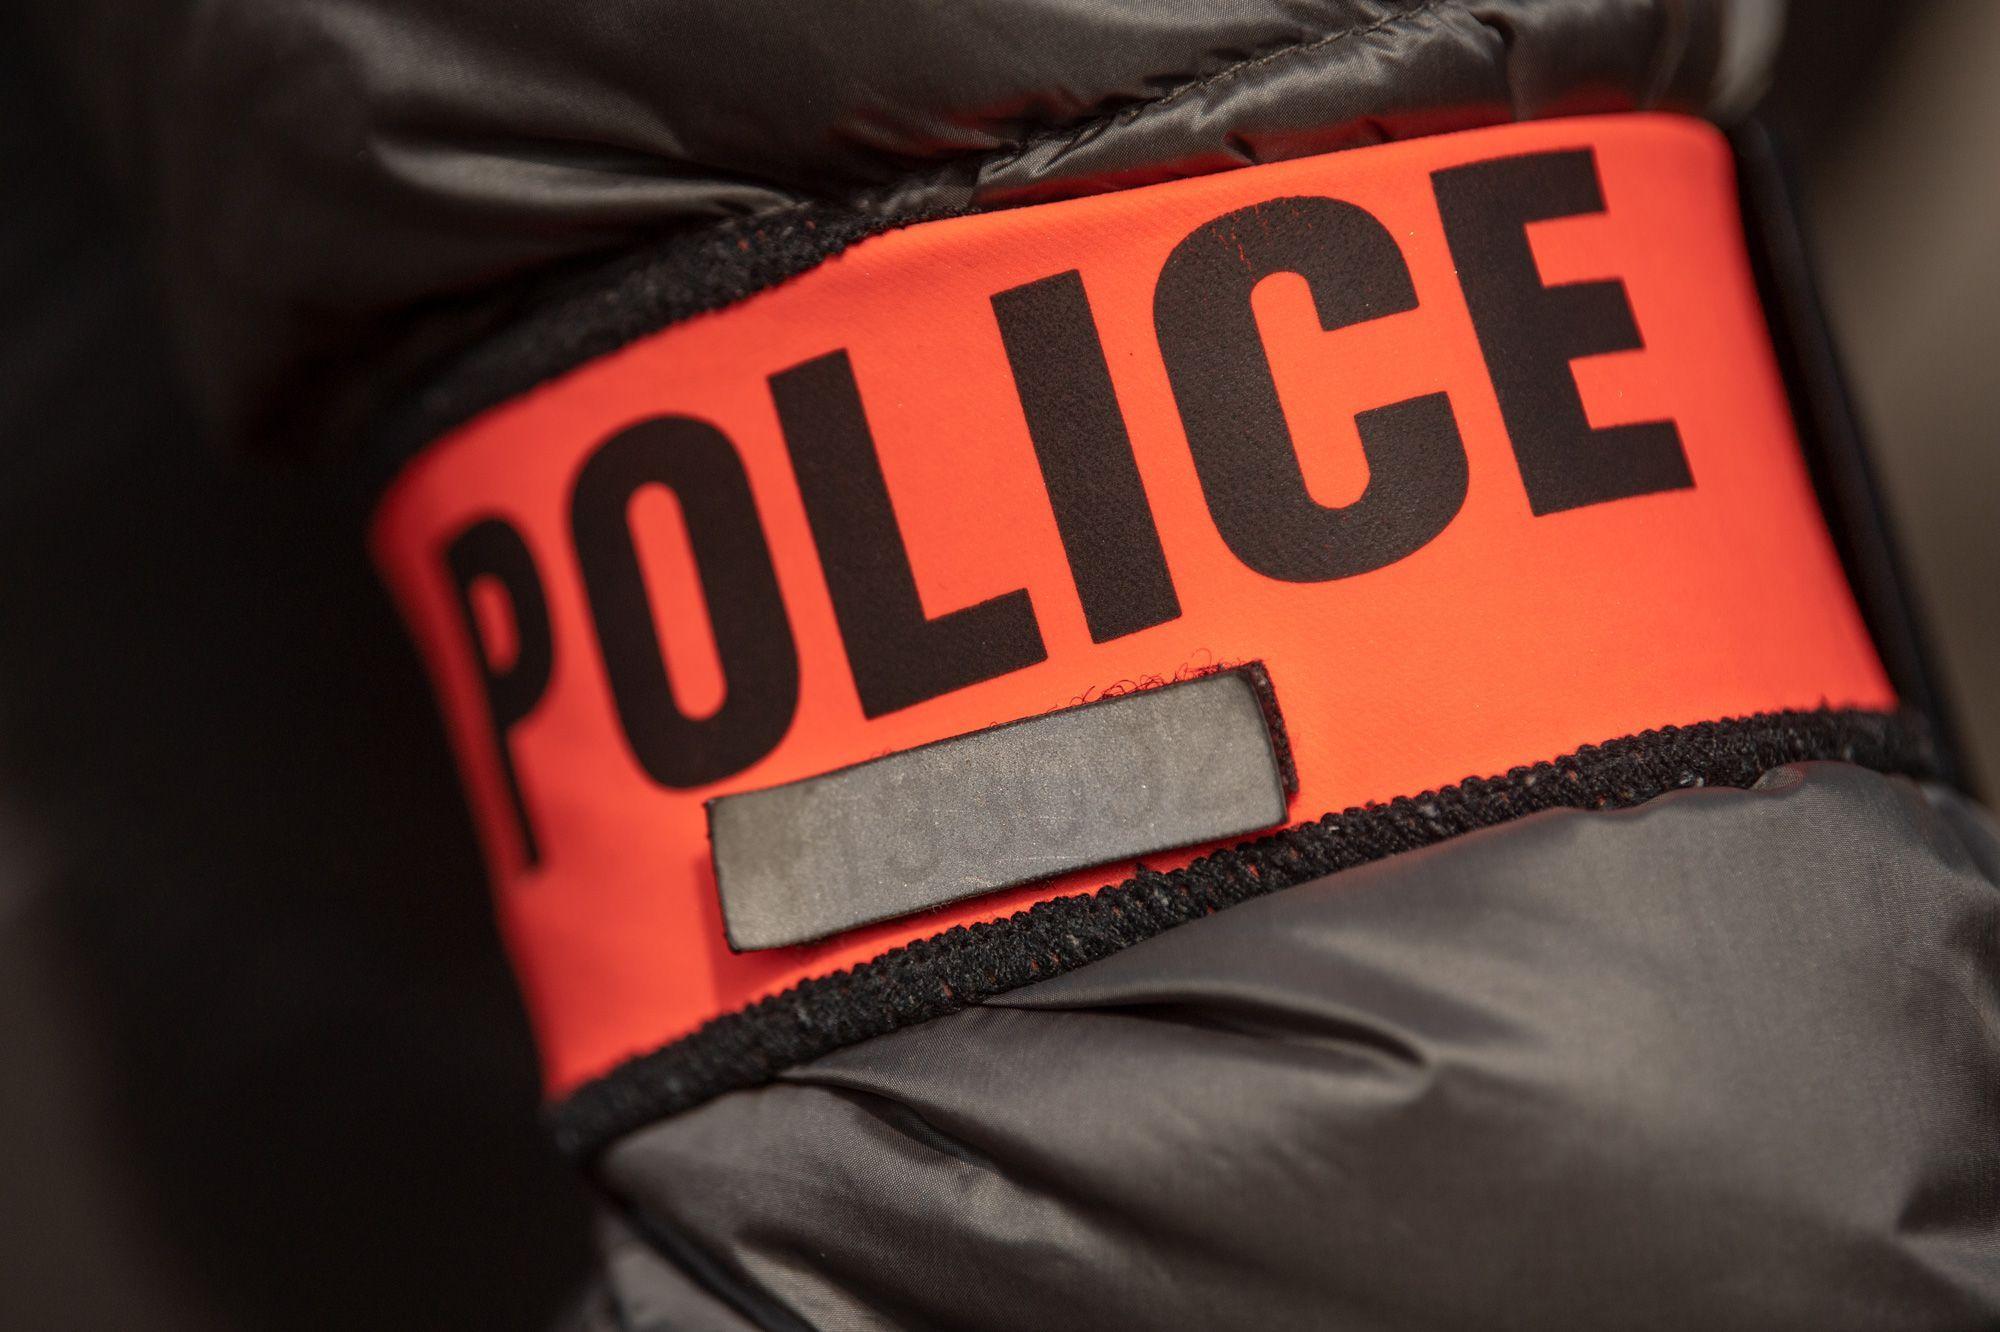 Un homme de 35 ans enlevé et battu à mort dans une voiture à Grigny